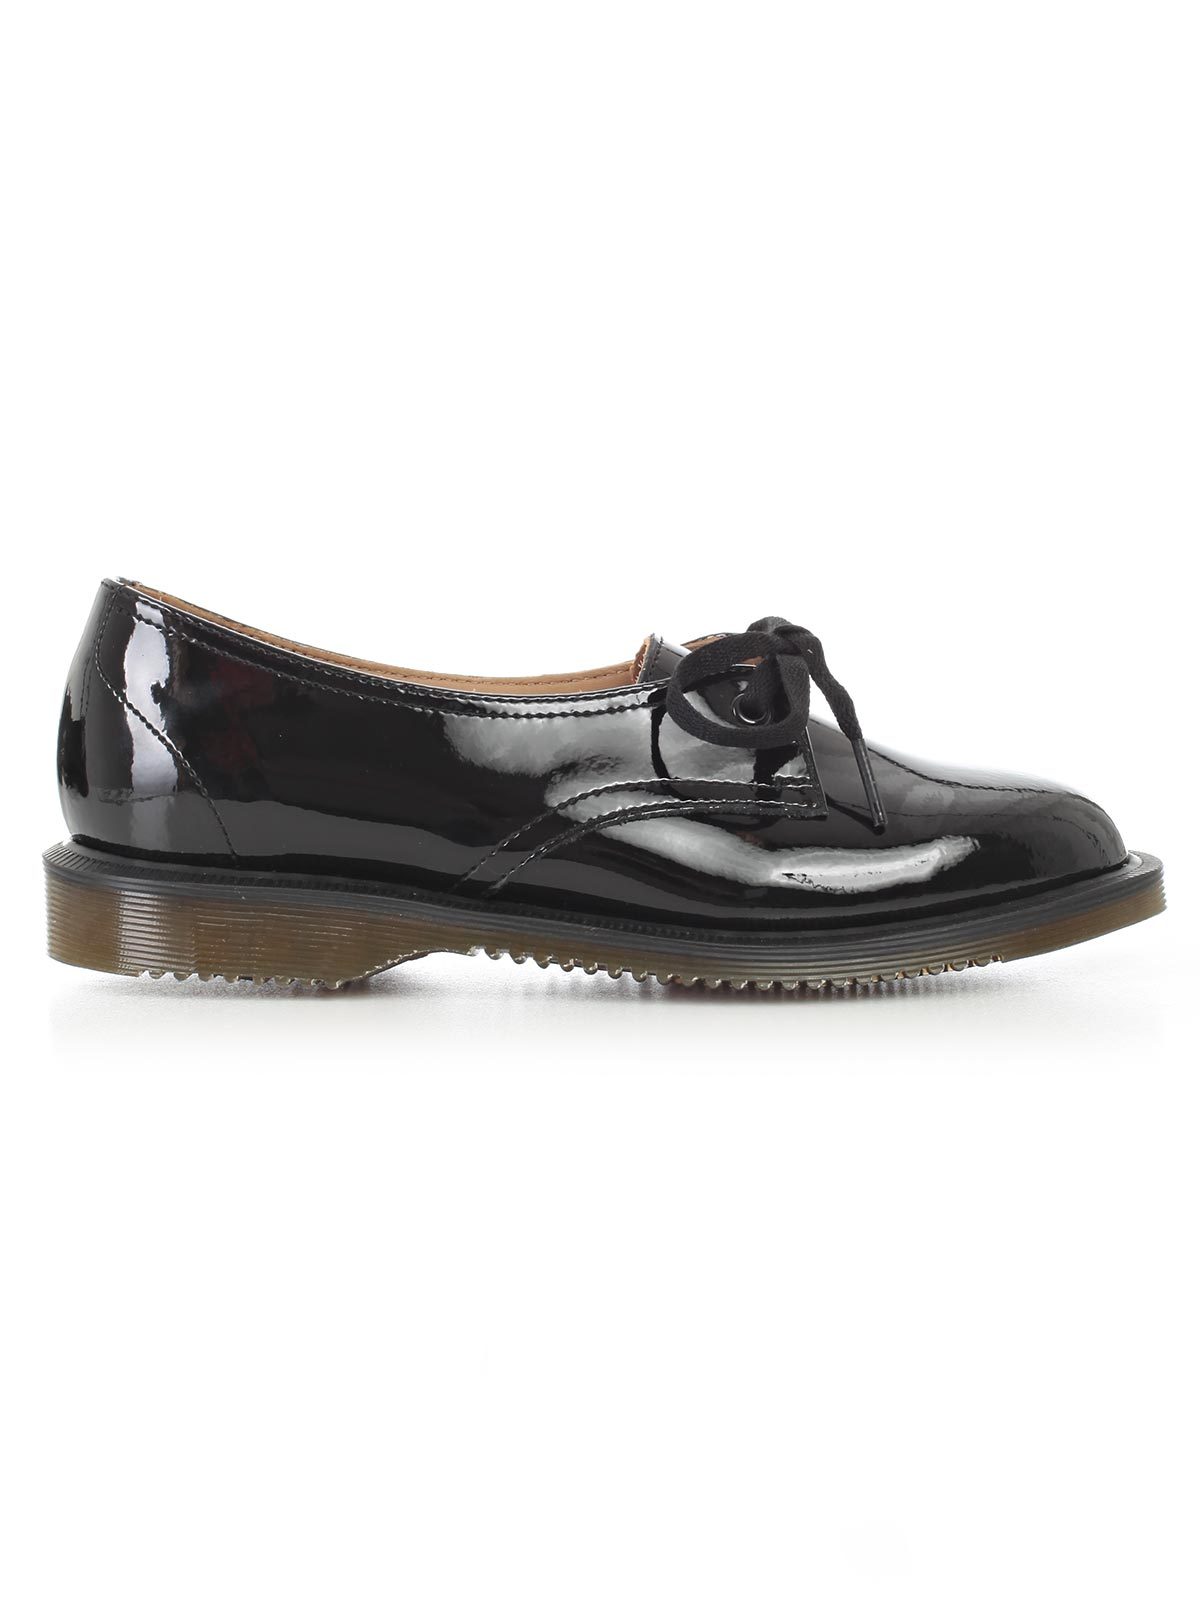 Picture of COMMES DES GARCONS - COMME DES GARCONS FOOTWEAR